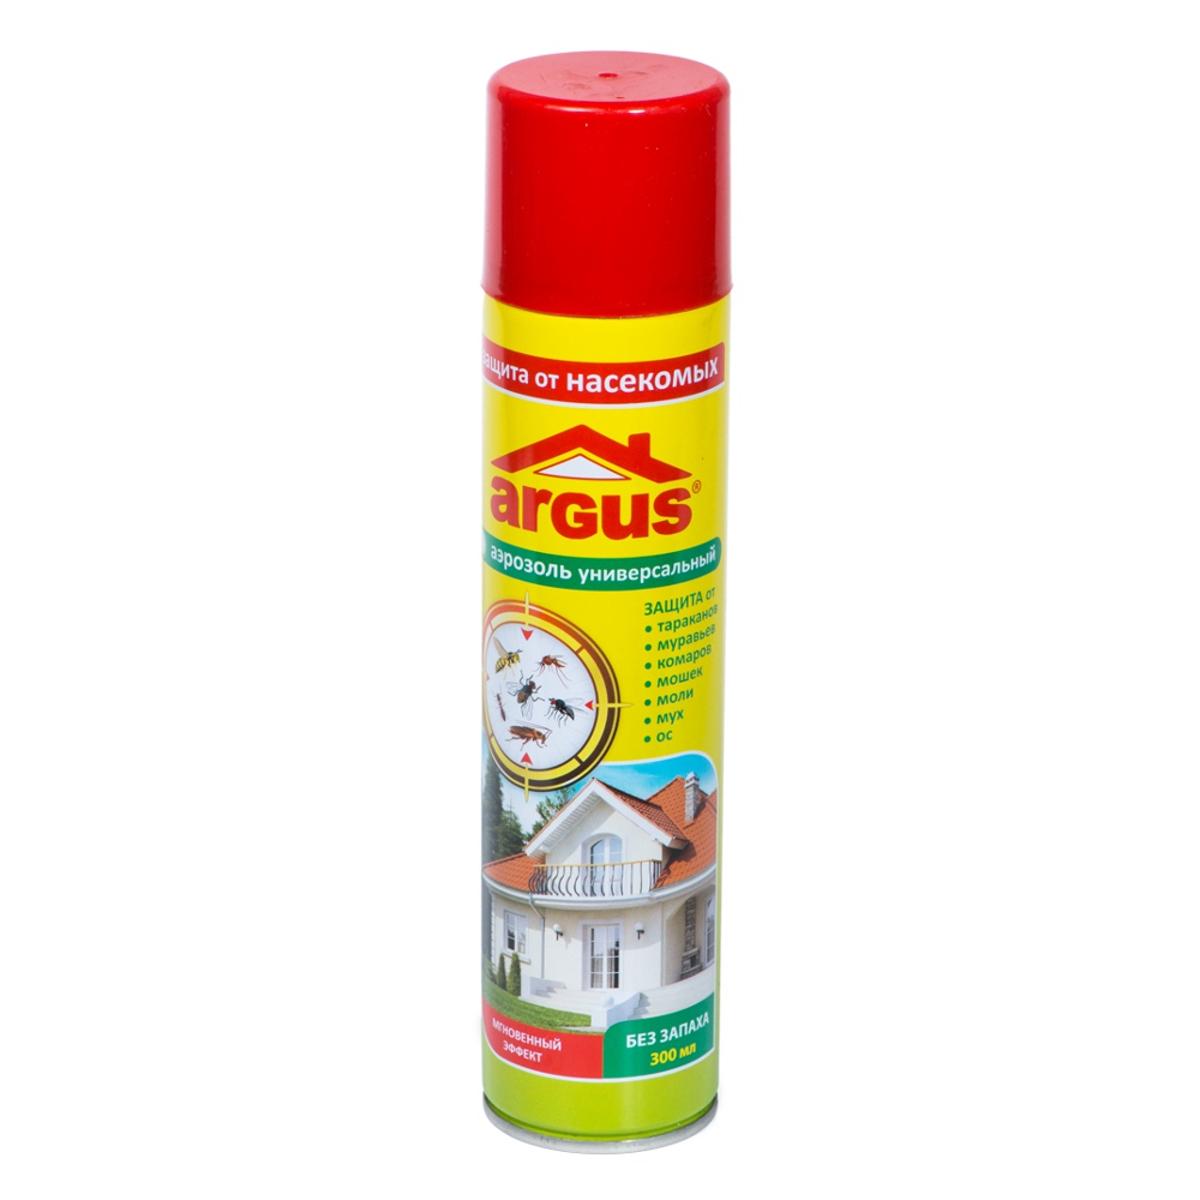 Аэрозоль против насекомых Argus, без запаха, 300 мл19201Универсальный аэрозоль Argus используется для уничтожения в помещениях летающих и нелетающих насекомых: мух, комаров, москитов, бабочек моли, ос, а так же тараканов, блох, клопов, муравьев и кожеедов. Изделие не обладает запахом, не содержит хладонов и озоноразрушающих веществ.Состав: циперметрин (0,2%), тетраметрин (0,15%), синергист, отдушка, углеводородный пропеллент, растворитель.